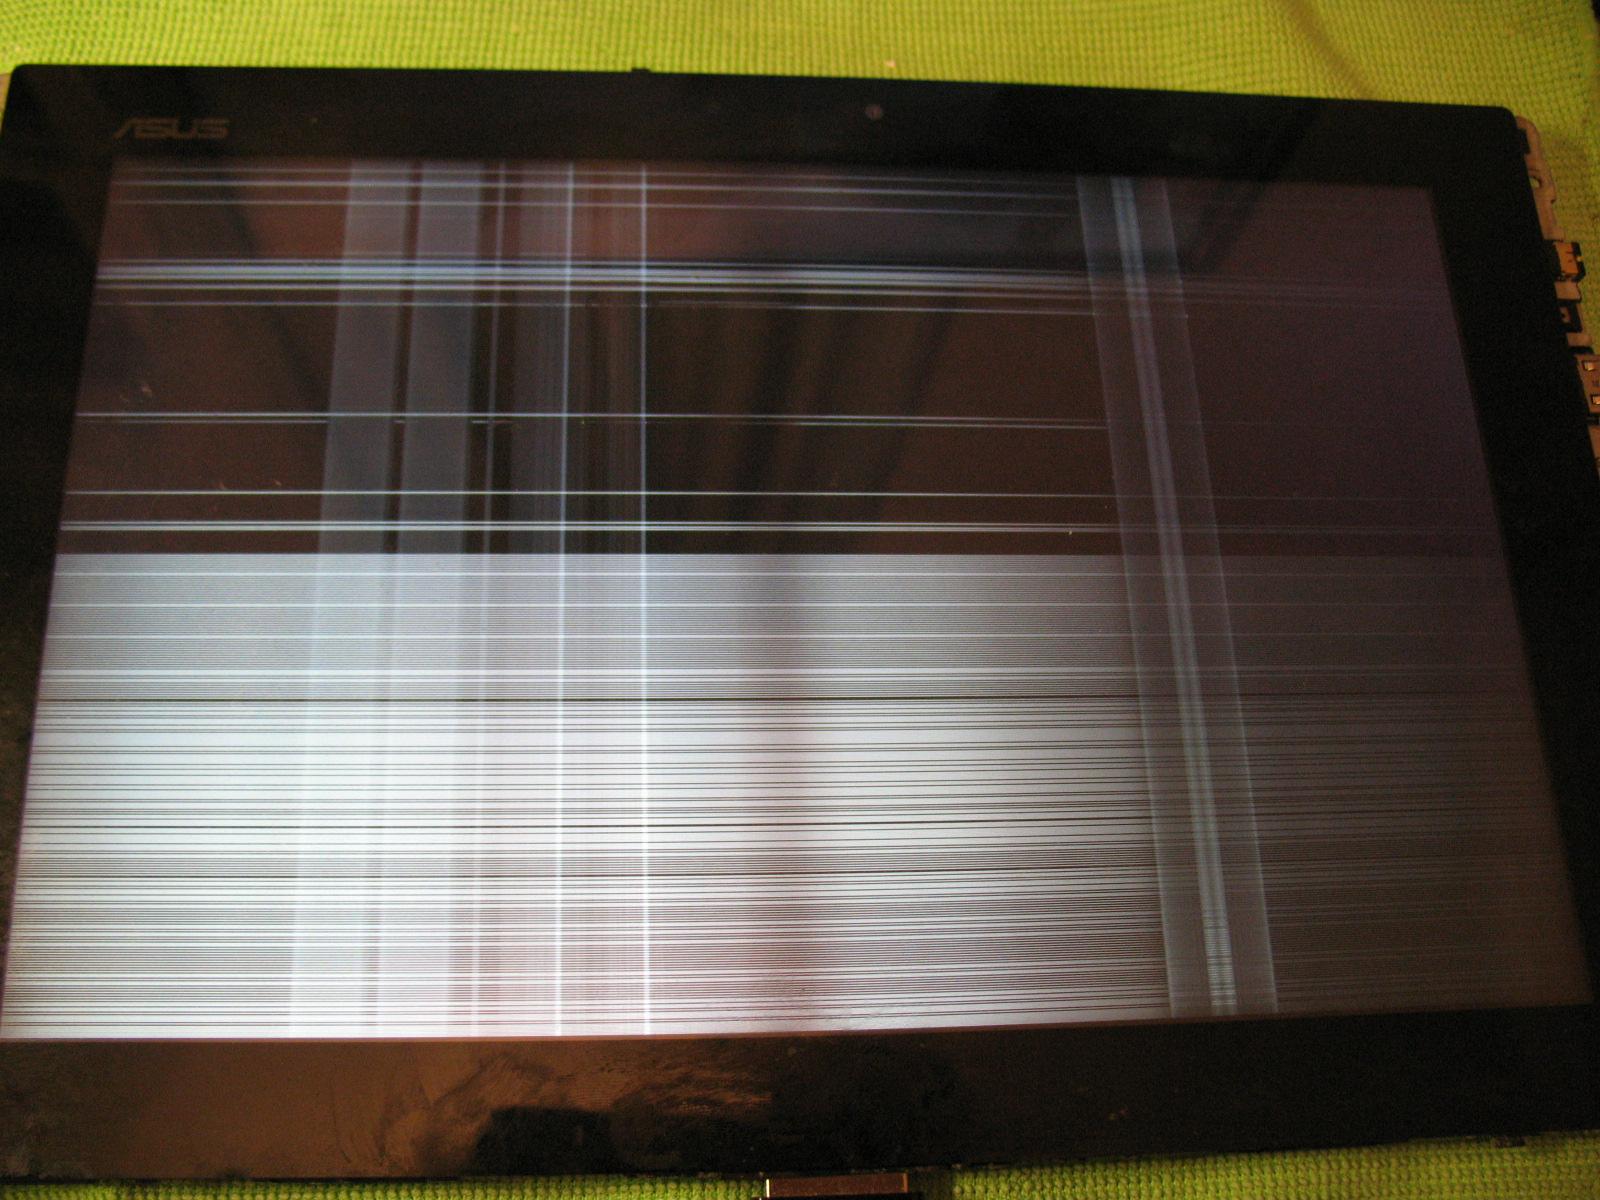 Asus Transformer TF101 16GB 3G - zalany, na wy�wietlaczu paski.